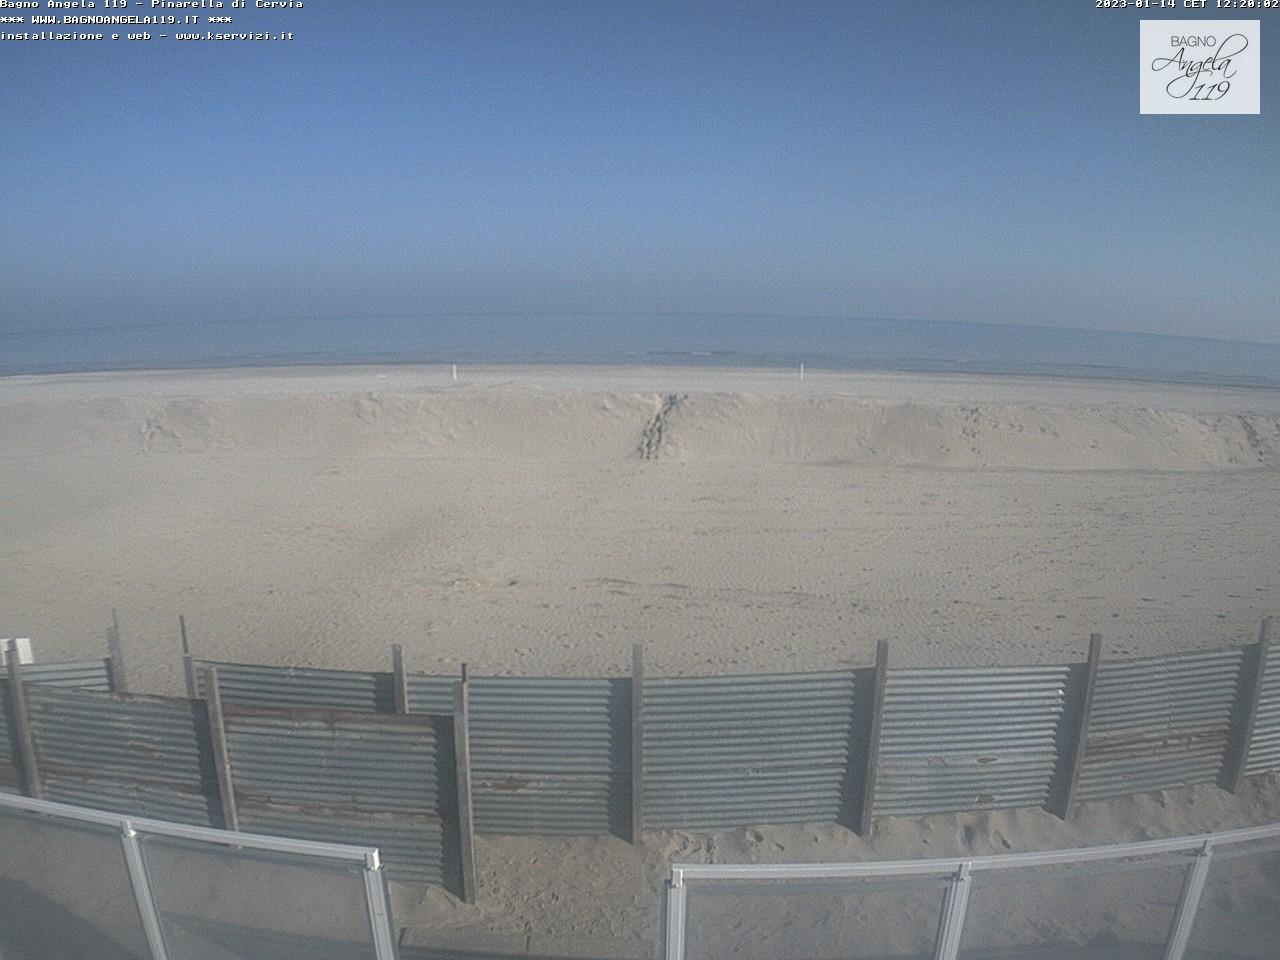 Pinarella di cervia bagno angela strand webcam galore - Bagno palm beach pinarella ...